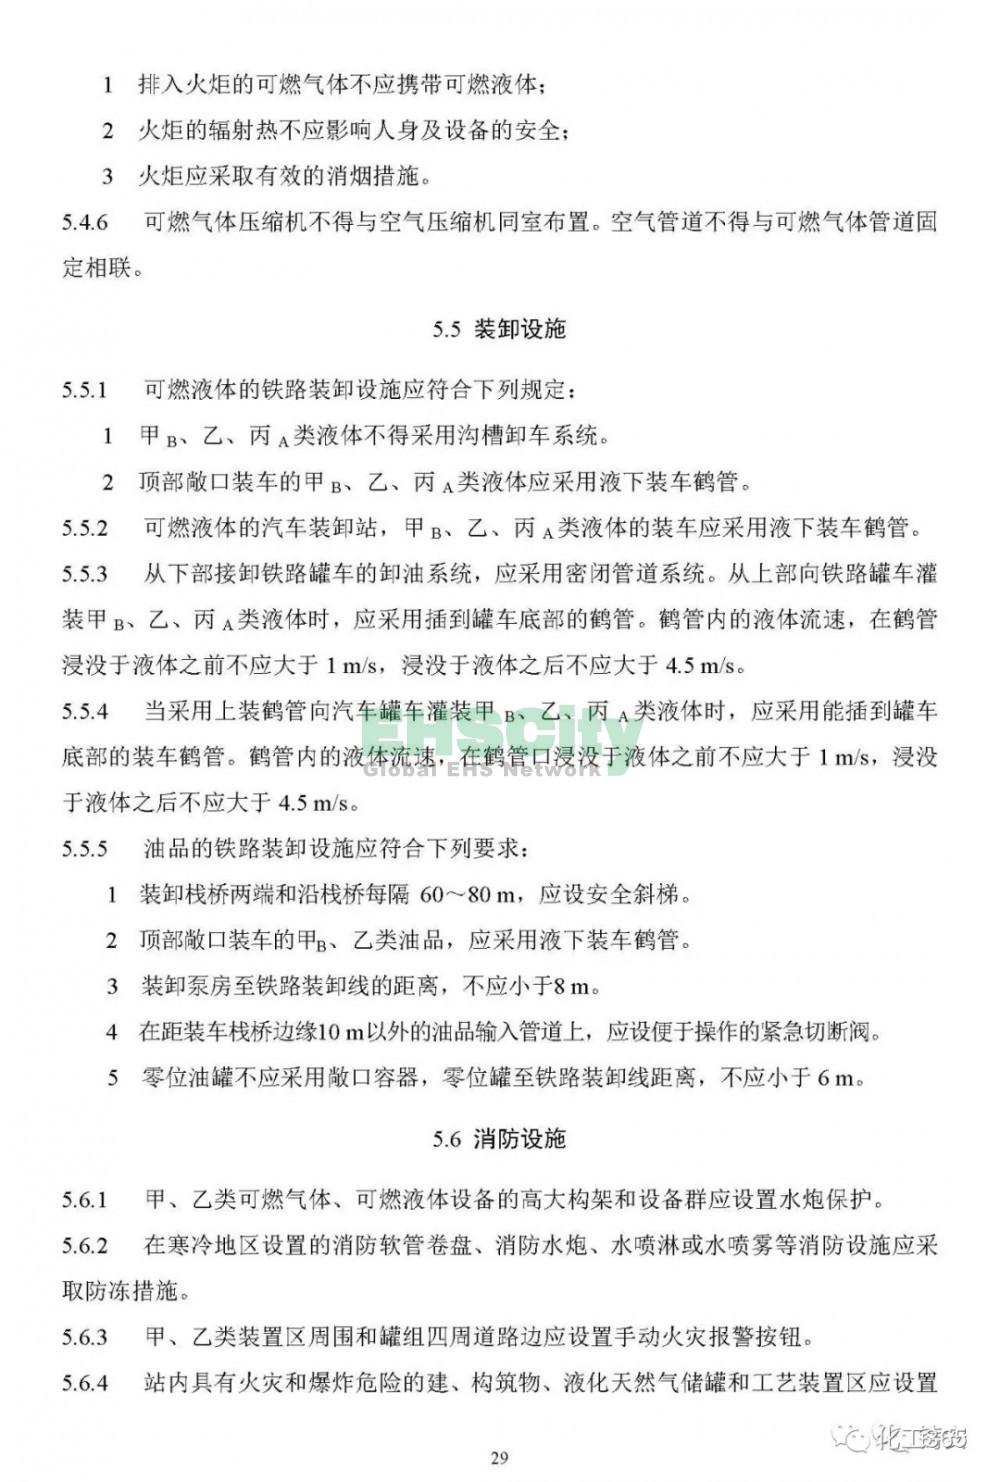 《可燃物储罐、装置及堆场防火通用规范》(初稿)  (31)